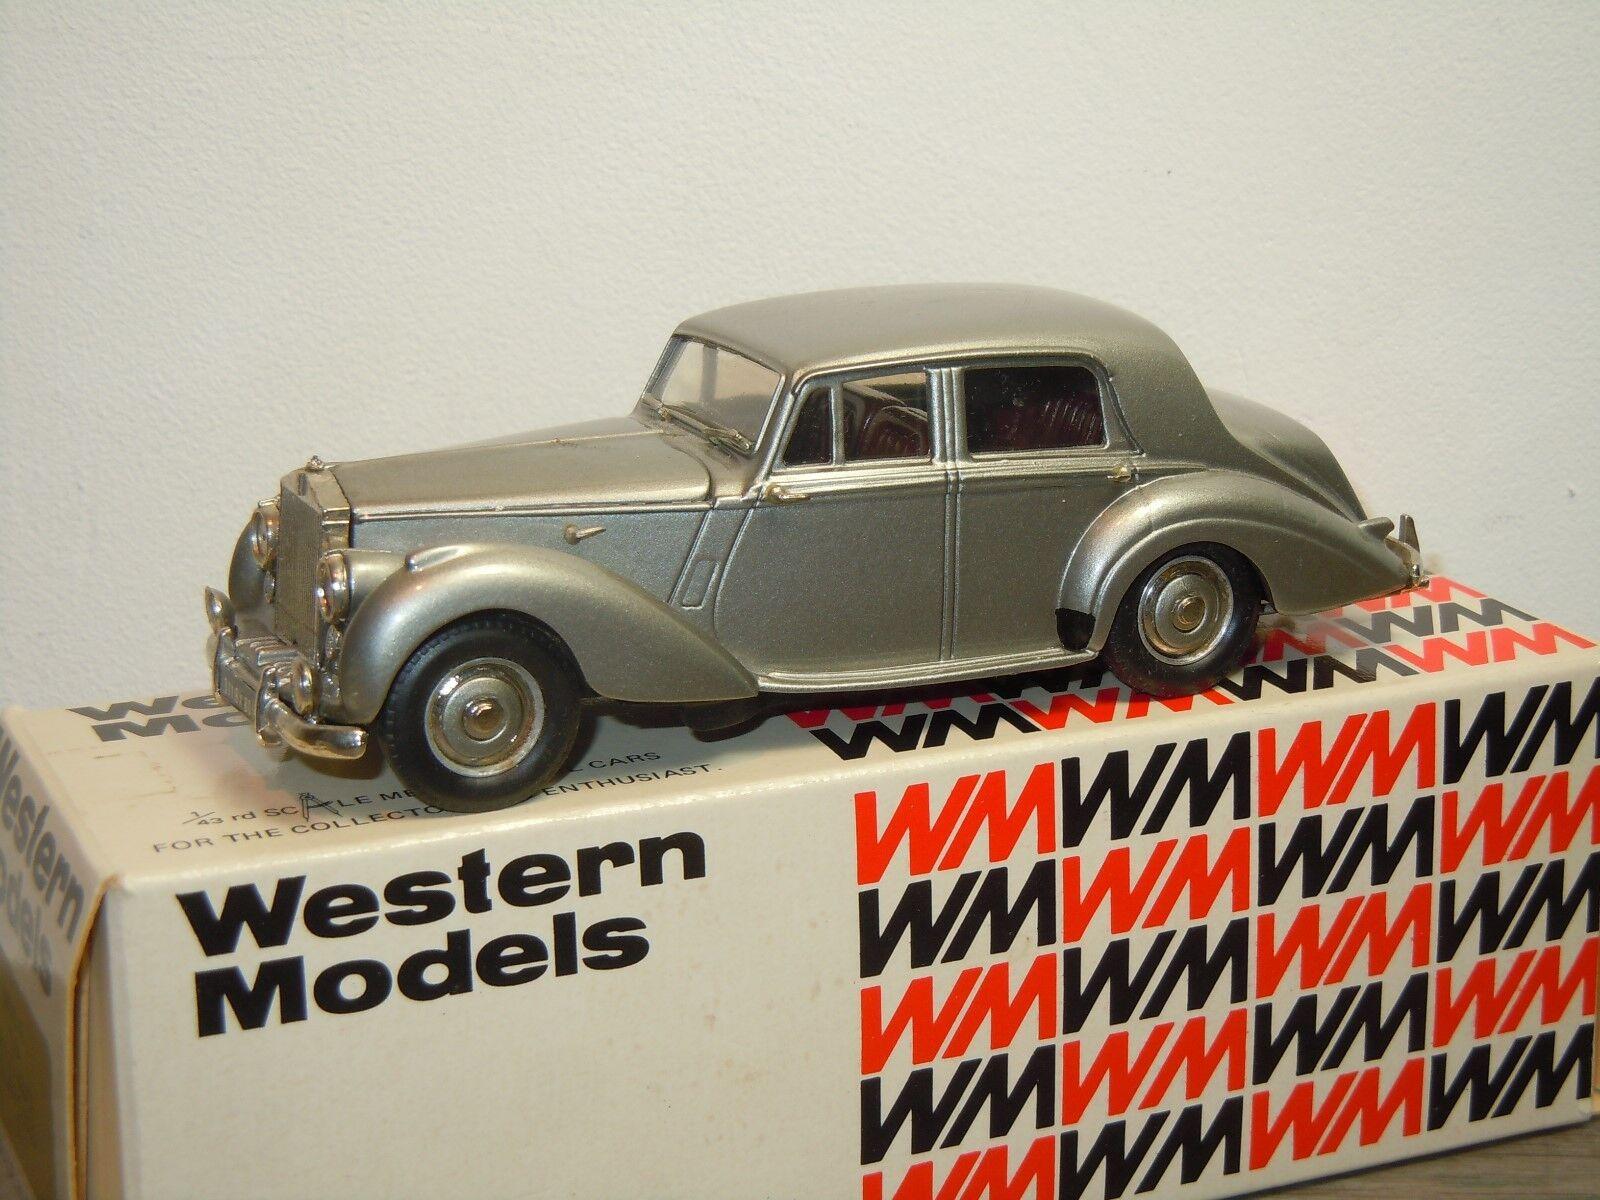 marca Rolls Royce plata Dawn 1949 - Western Models WMS WMS WMS 57 England 1 43 in Box 35681  promociones